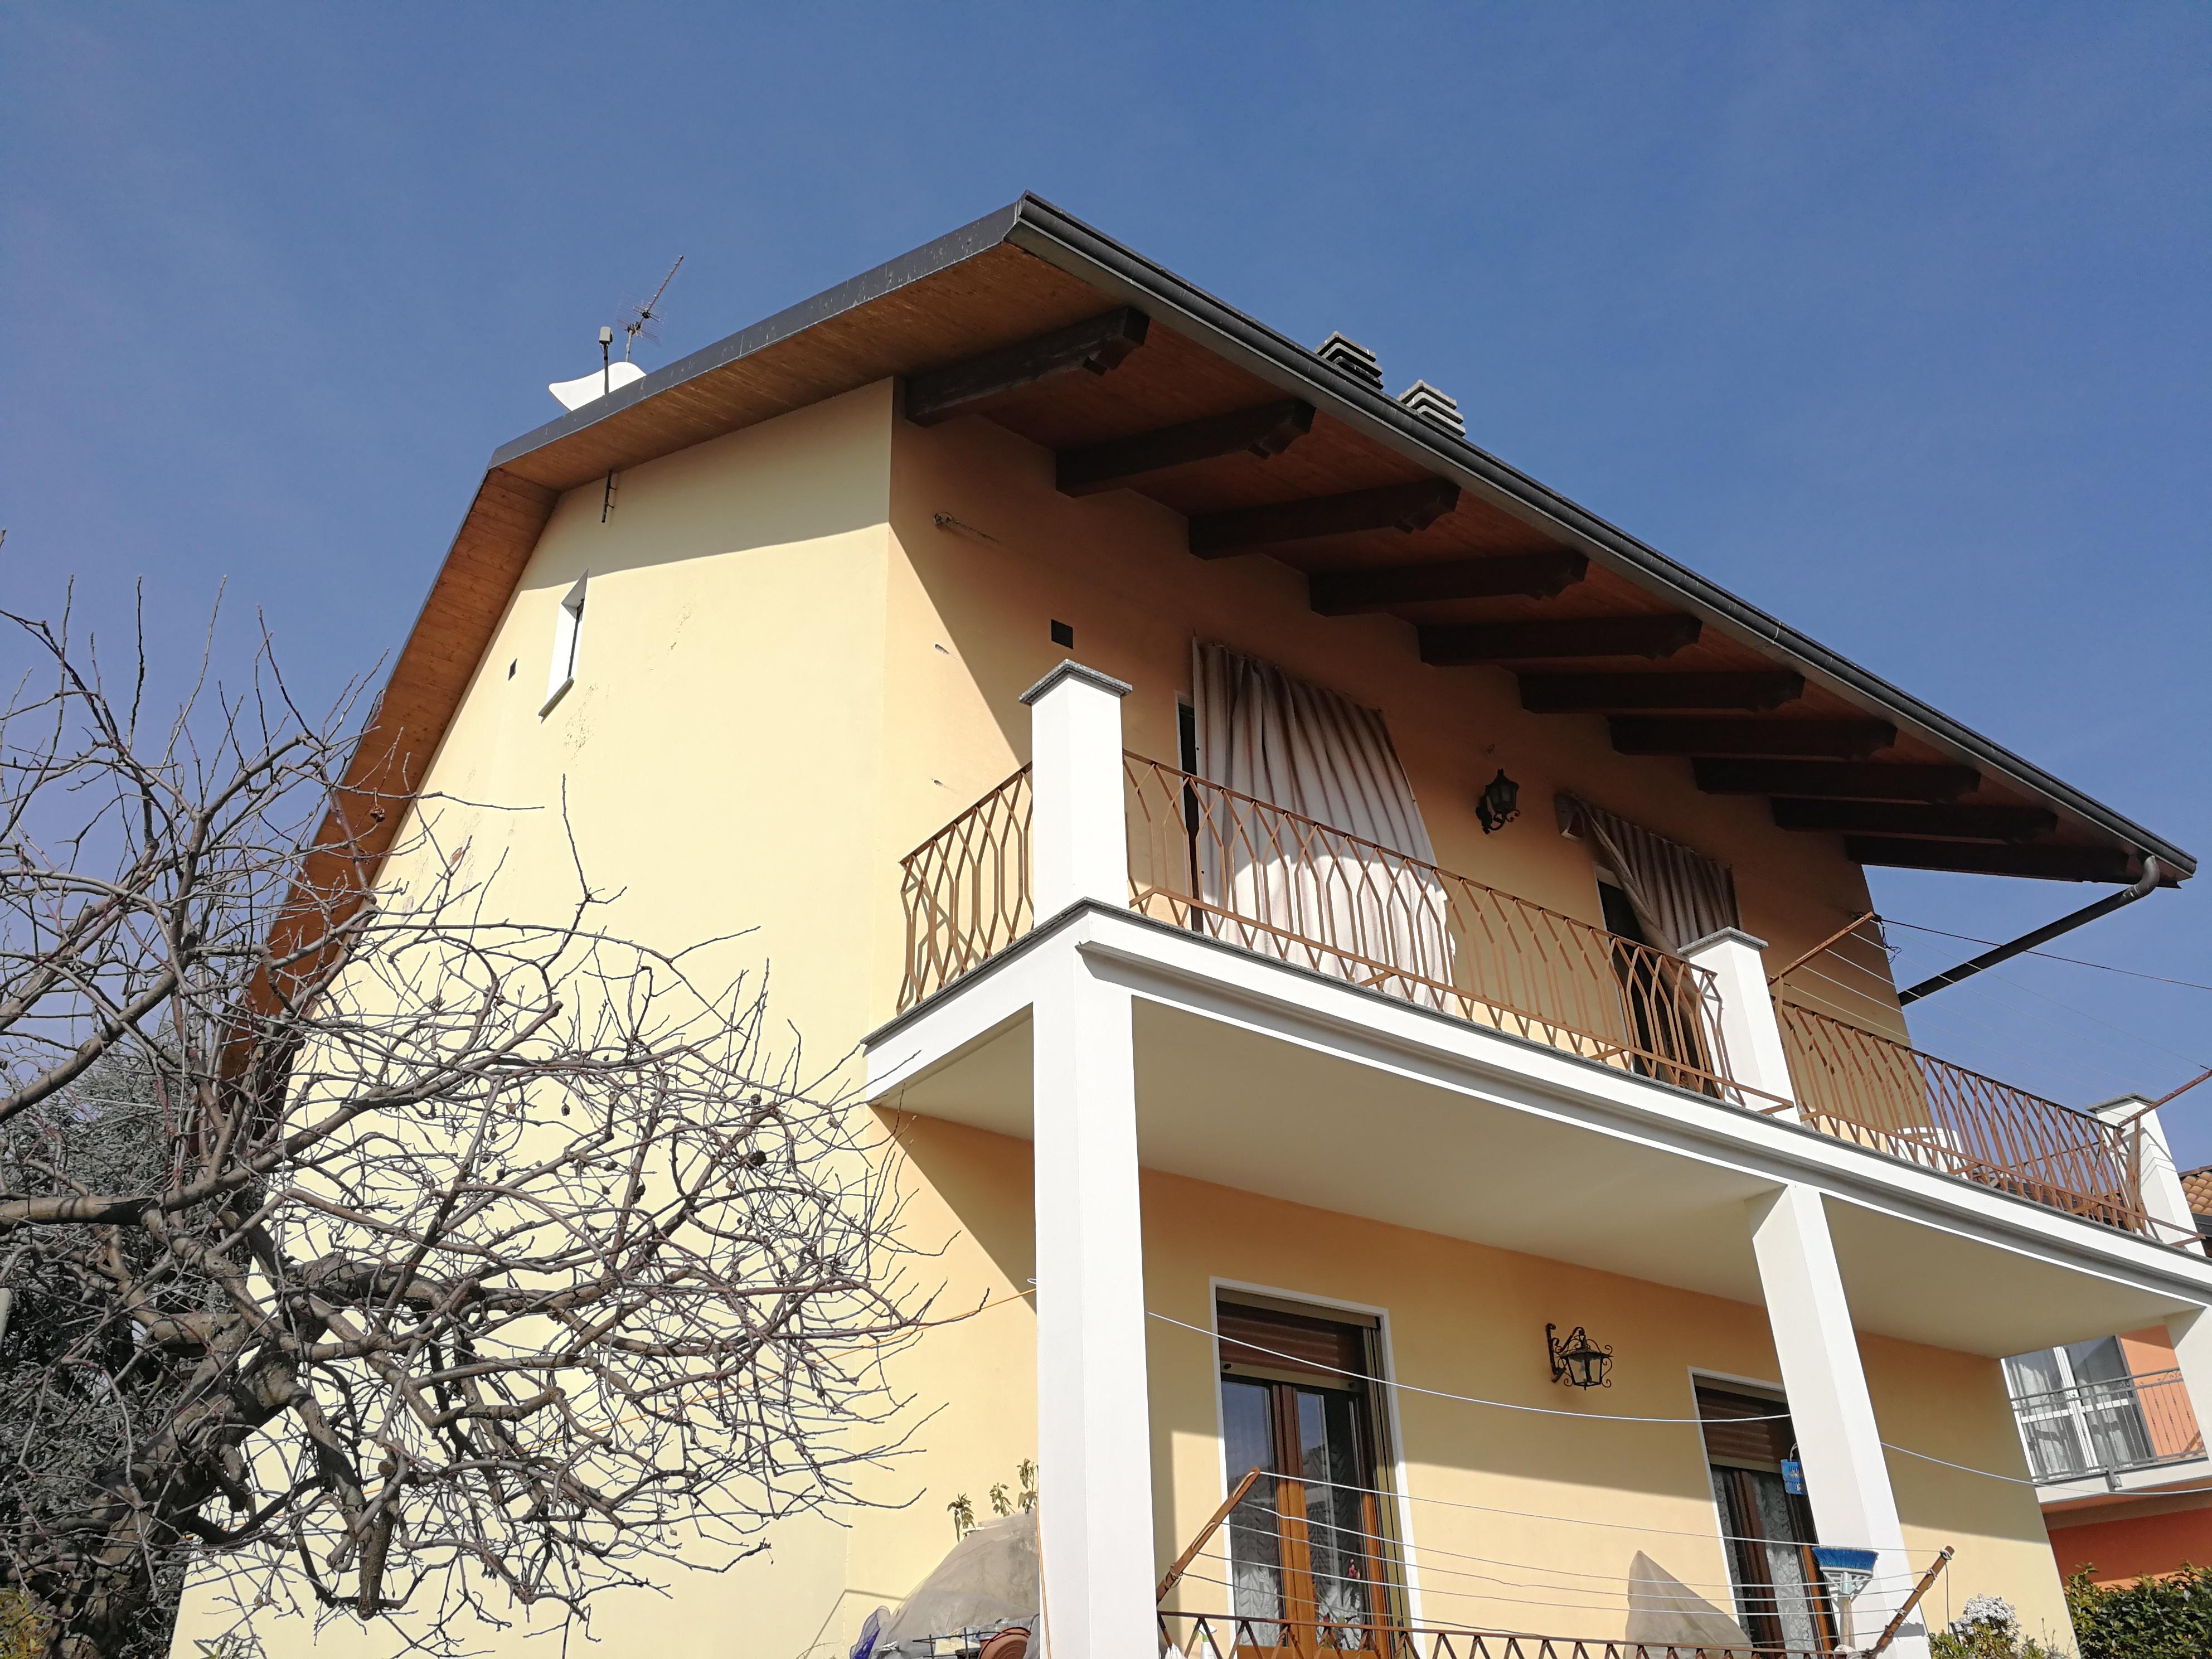 Caselle T.se. Alloggio in bifamigliare con giardino € 185.000